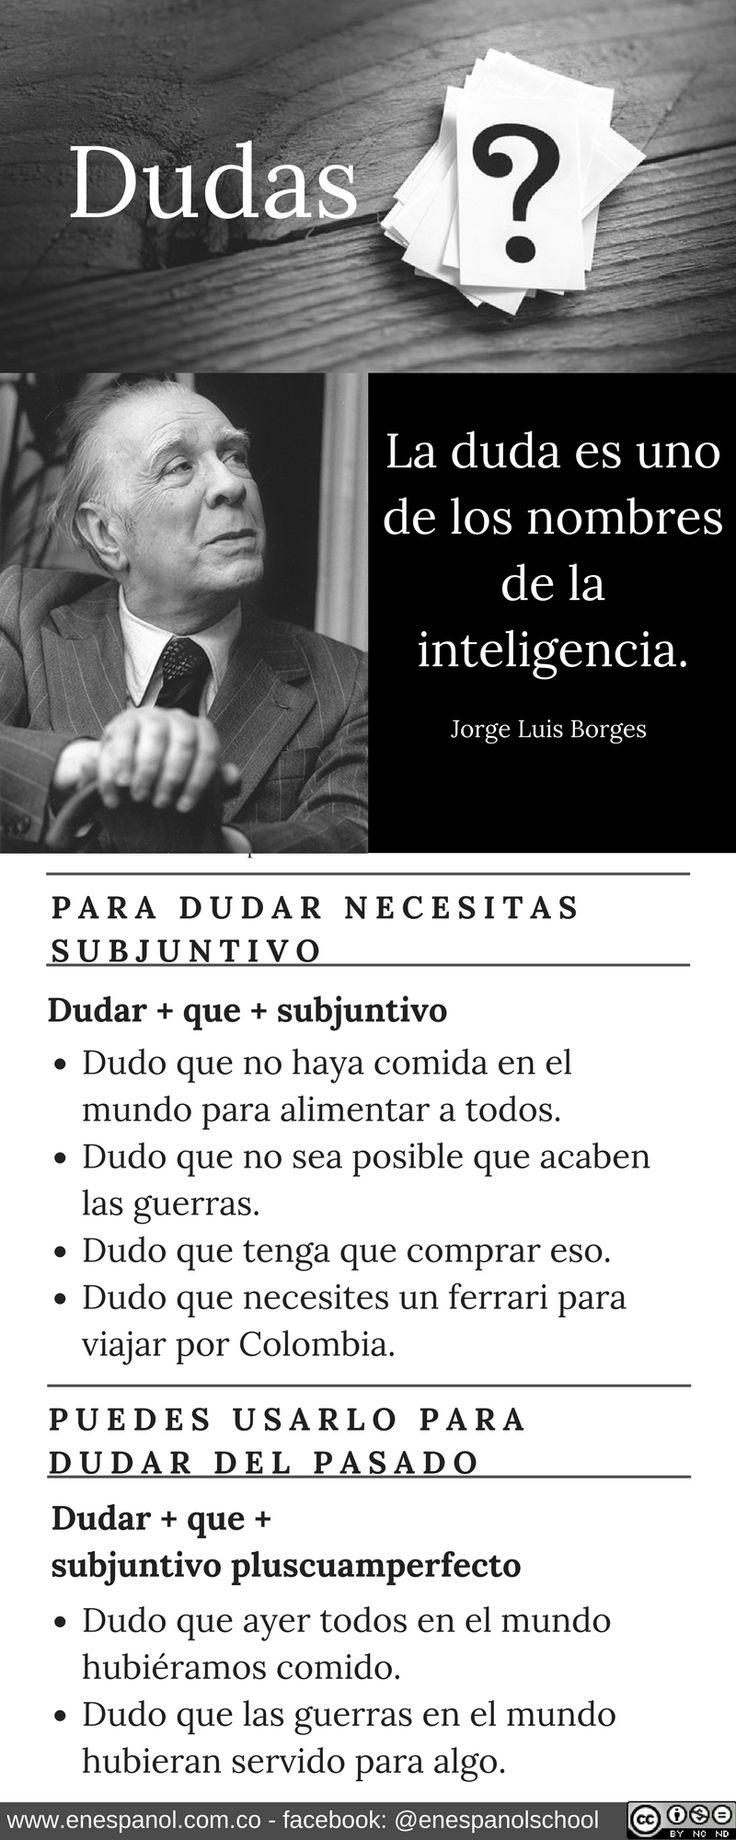 Subjuntivo  En Español  Dudas